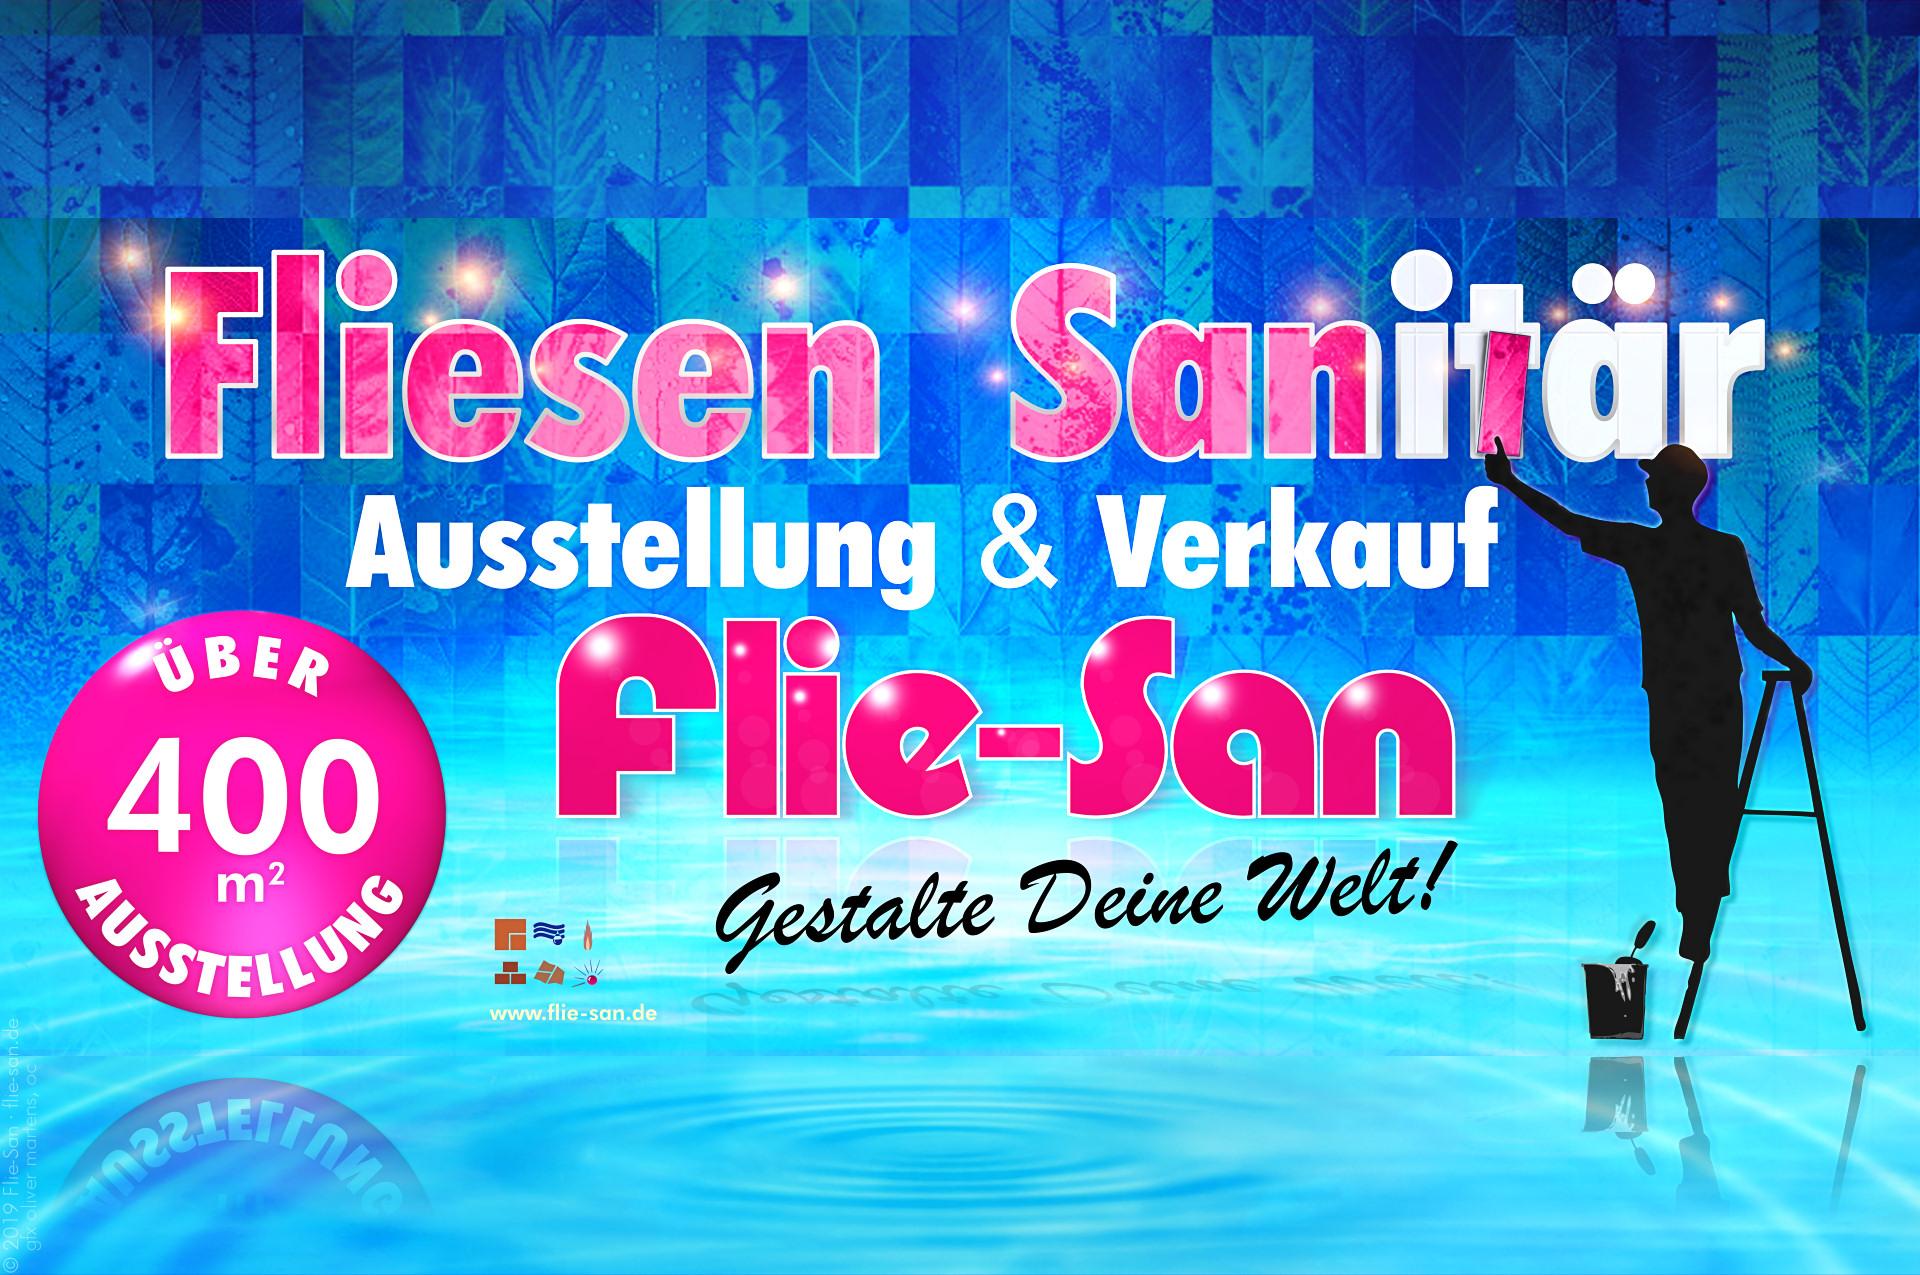 sli-start_flie-san_FliesenSanitaer